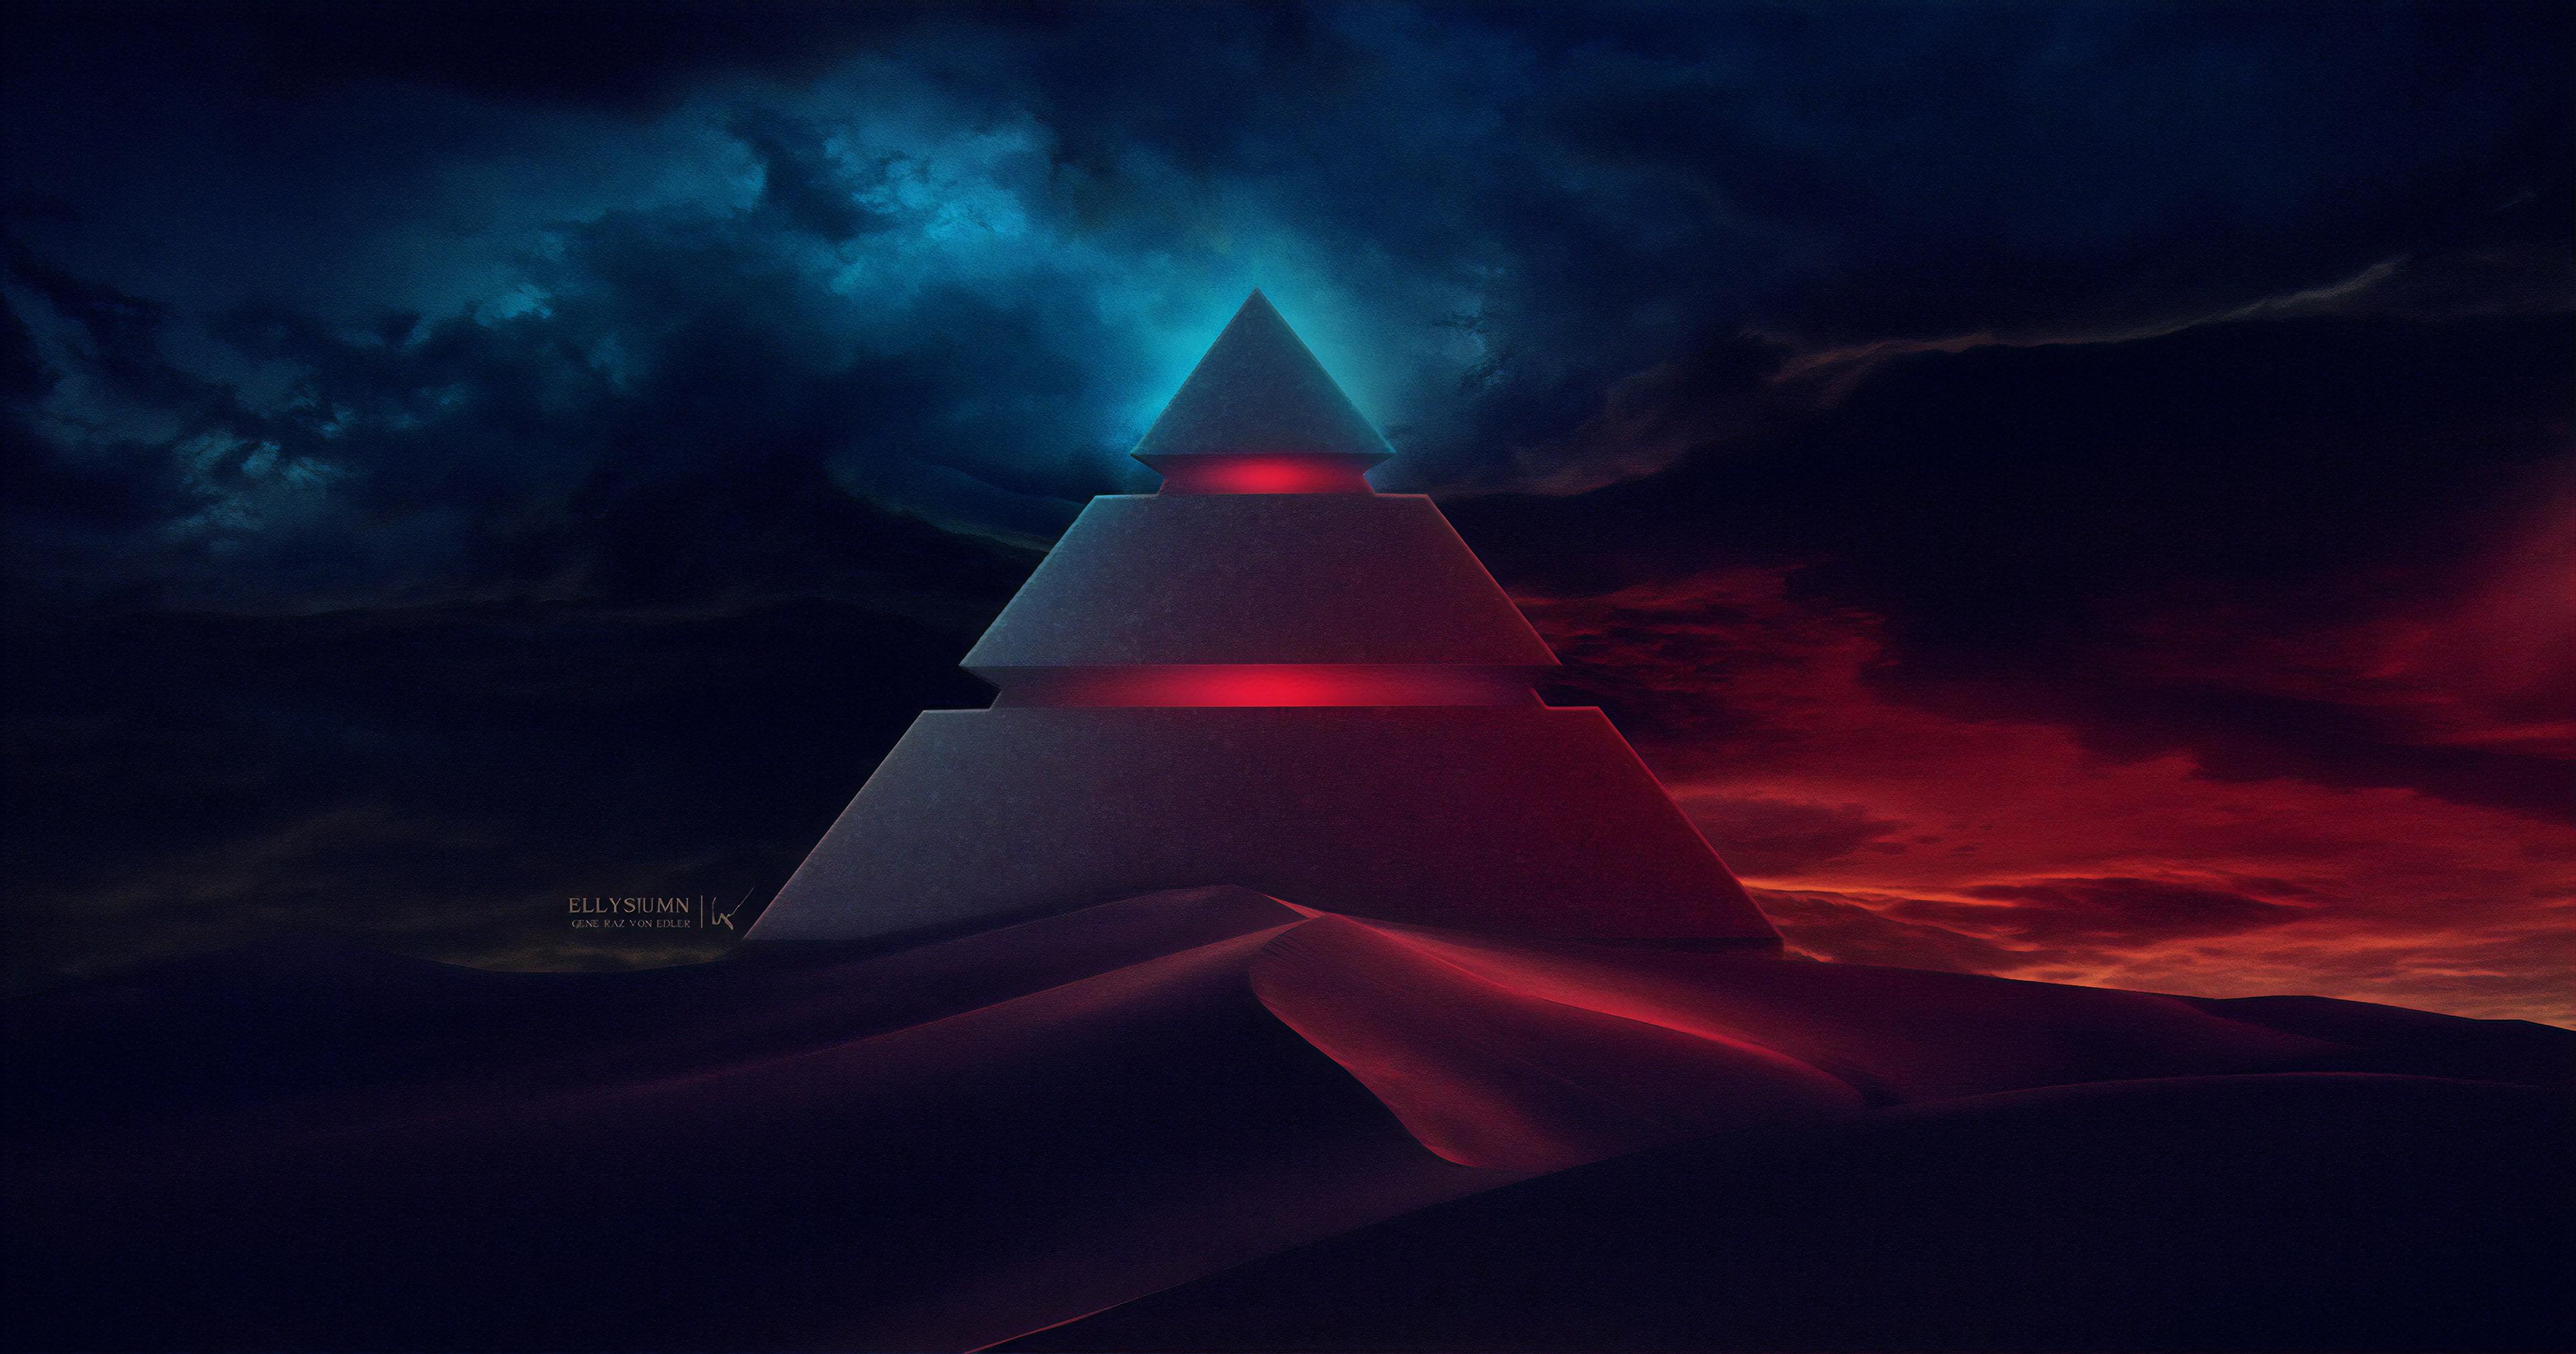 Pyramid Fondo De Pantalla Hd Fondo De Escritorio